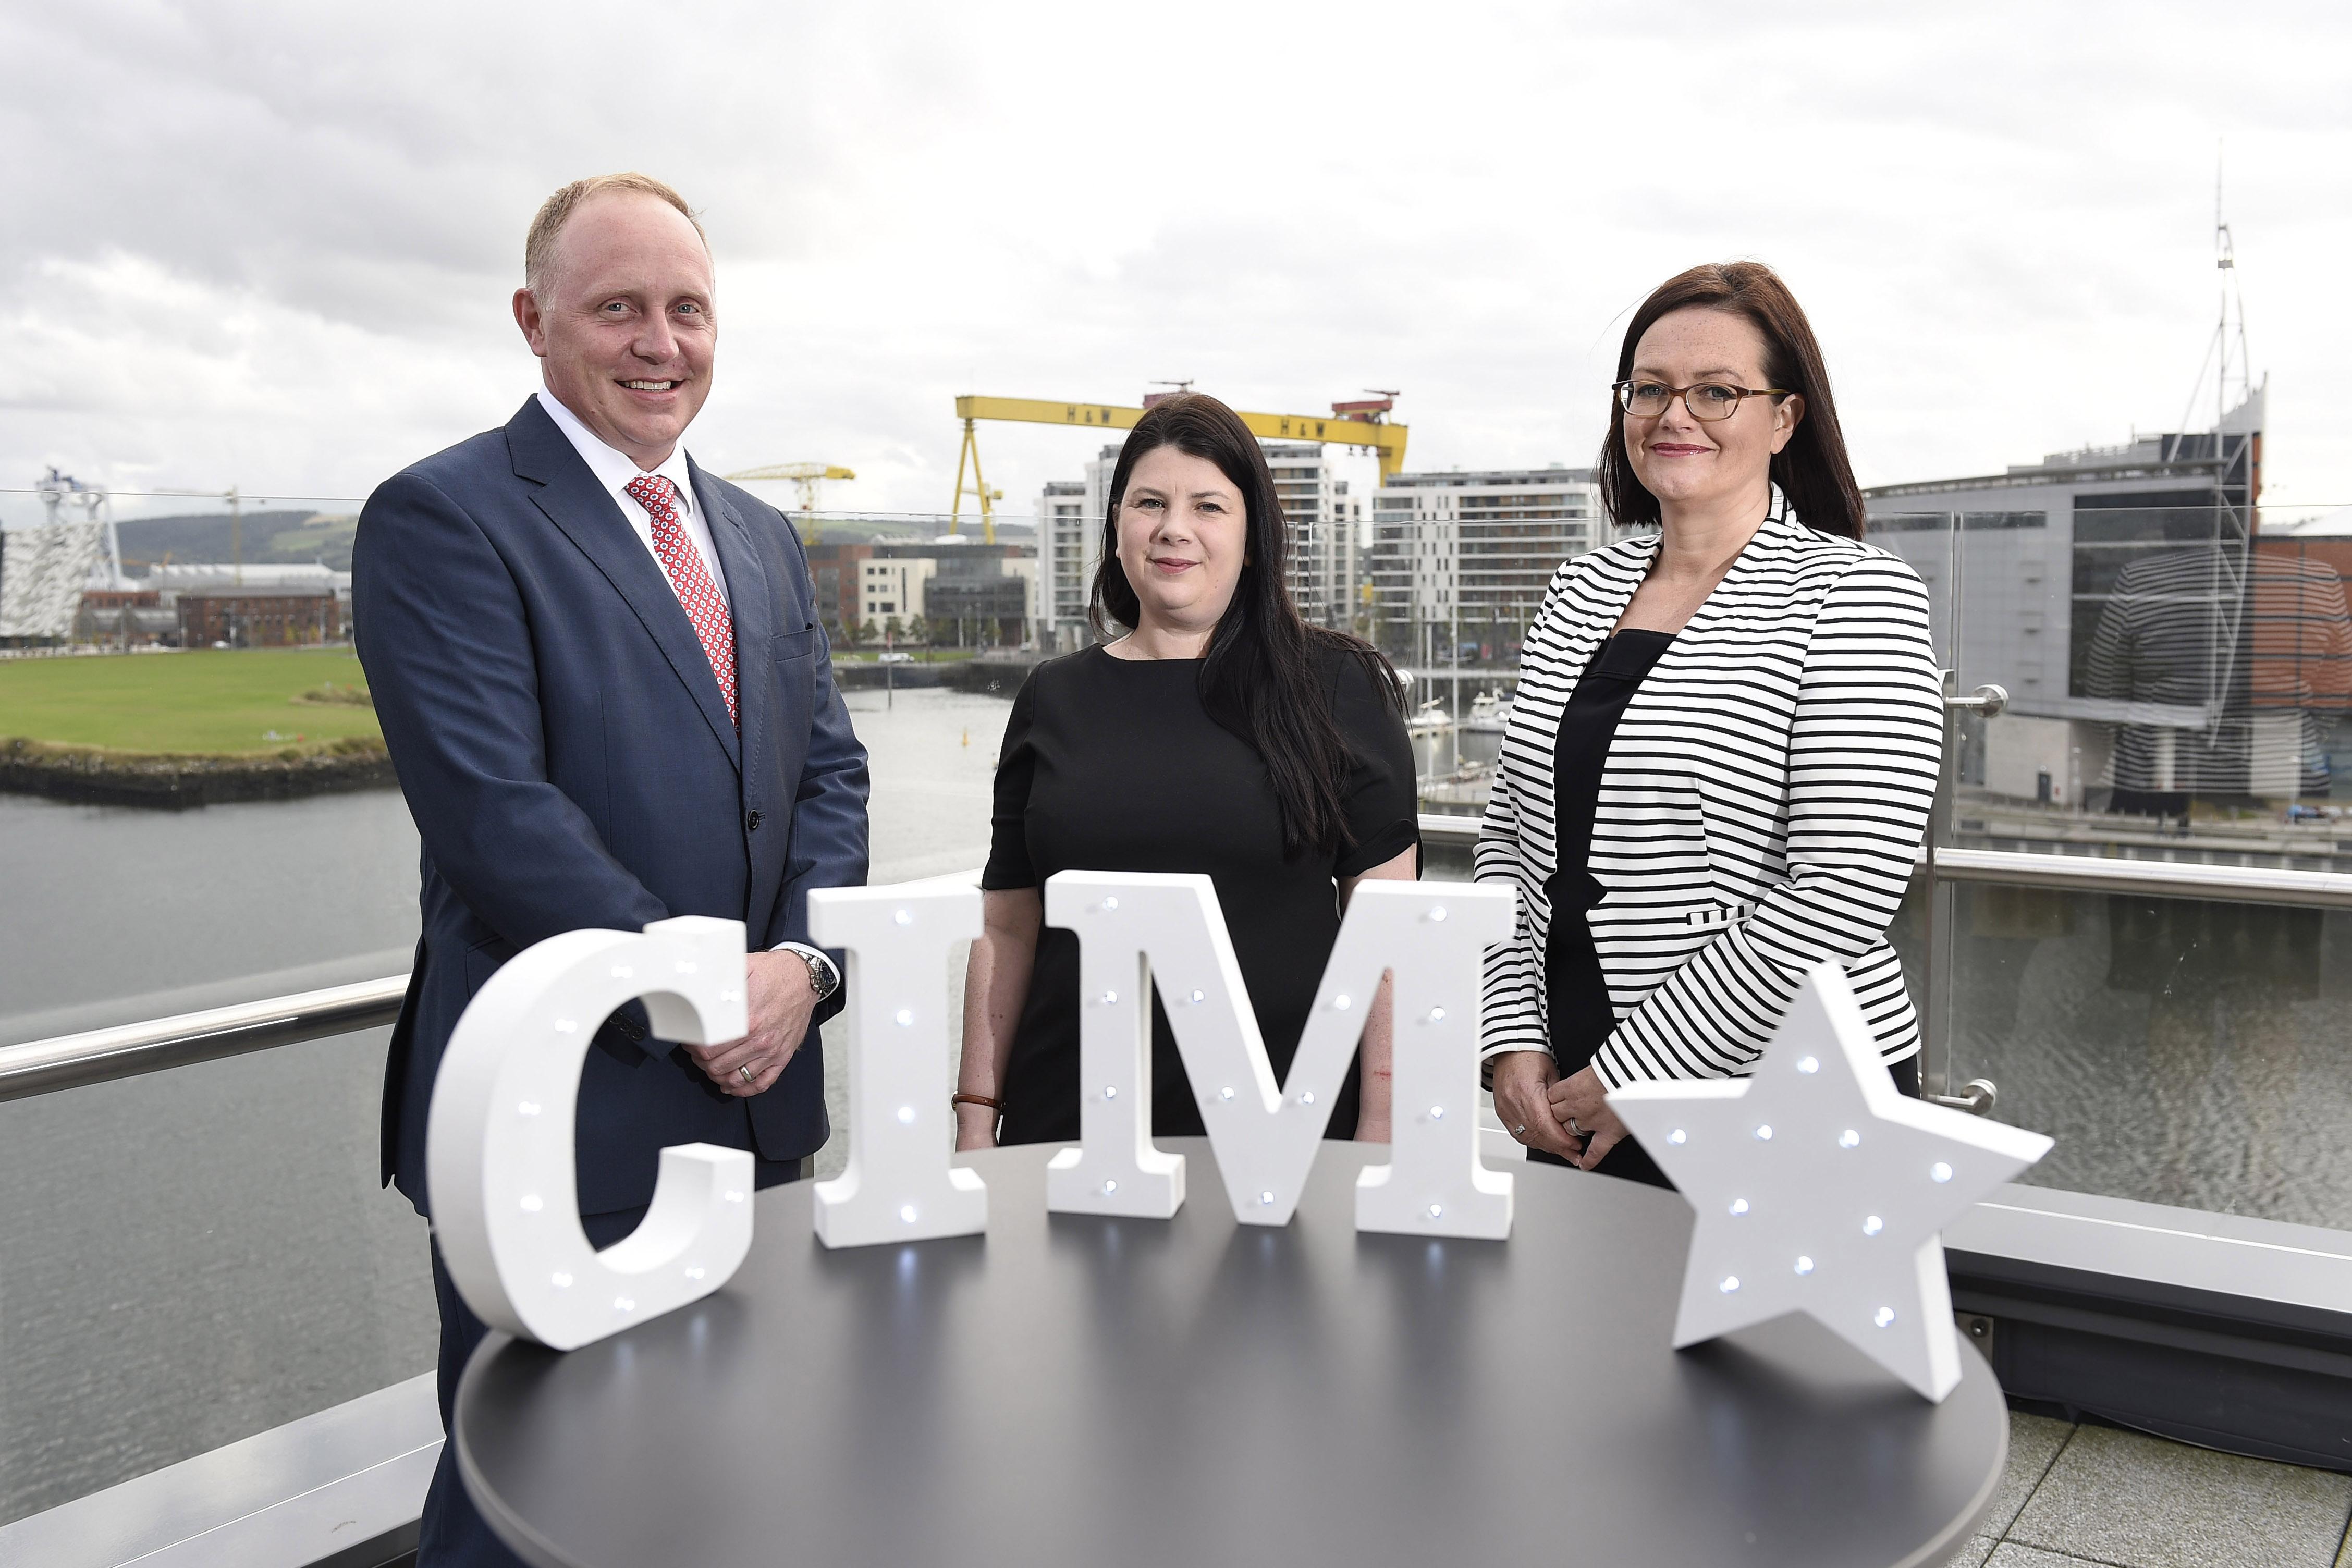 Top Global law firm Baker & McKenzie to sponsor CIM Ireland Marketing Awards